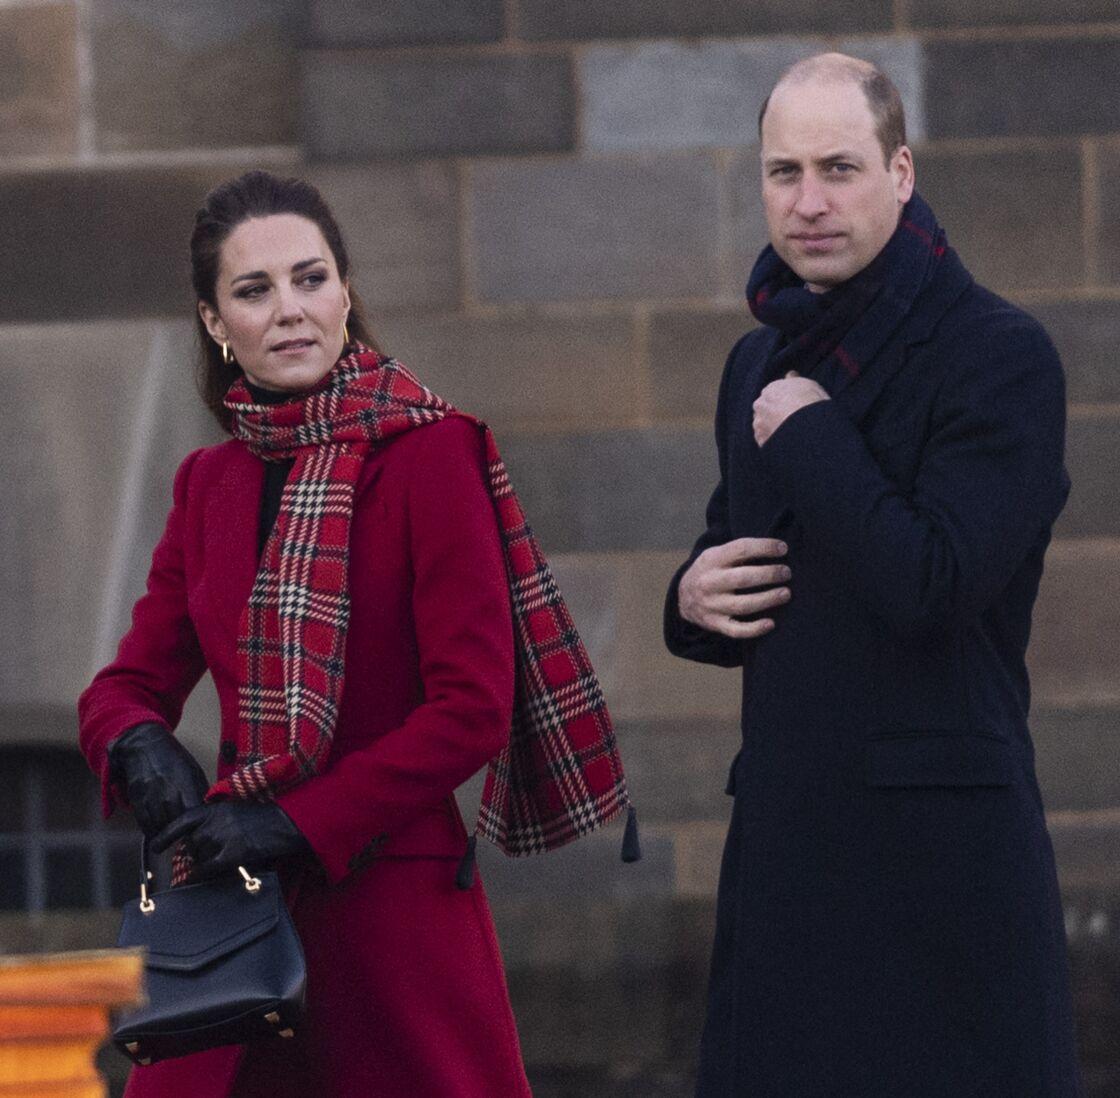 Kate Middleton et le prince William enchaînent les faux pas. Selon le tabloïd écossait The Daily Record, les Cambridge n'ont pas respecté les avertissements des autorités, les sommant de renoncer à leur royal tour du mois de décembre 2020.